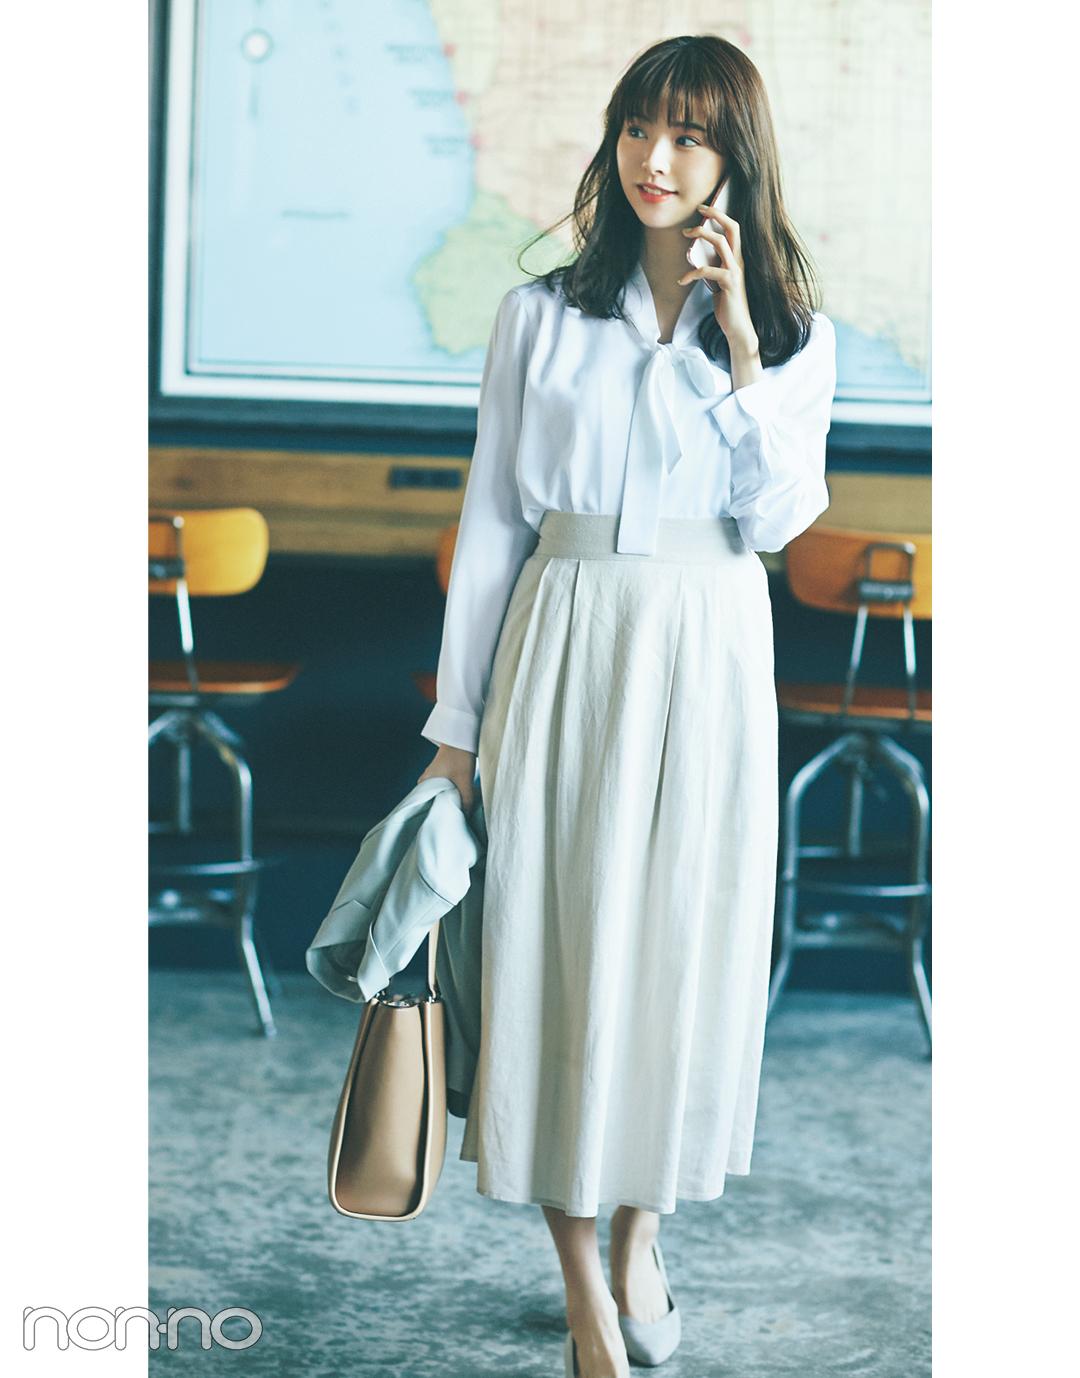 楽ちんなのにきれいめ&快適なスカートはこちら!【夏のオフィスコーデ】_1_3